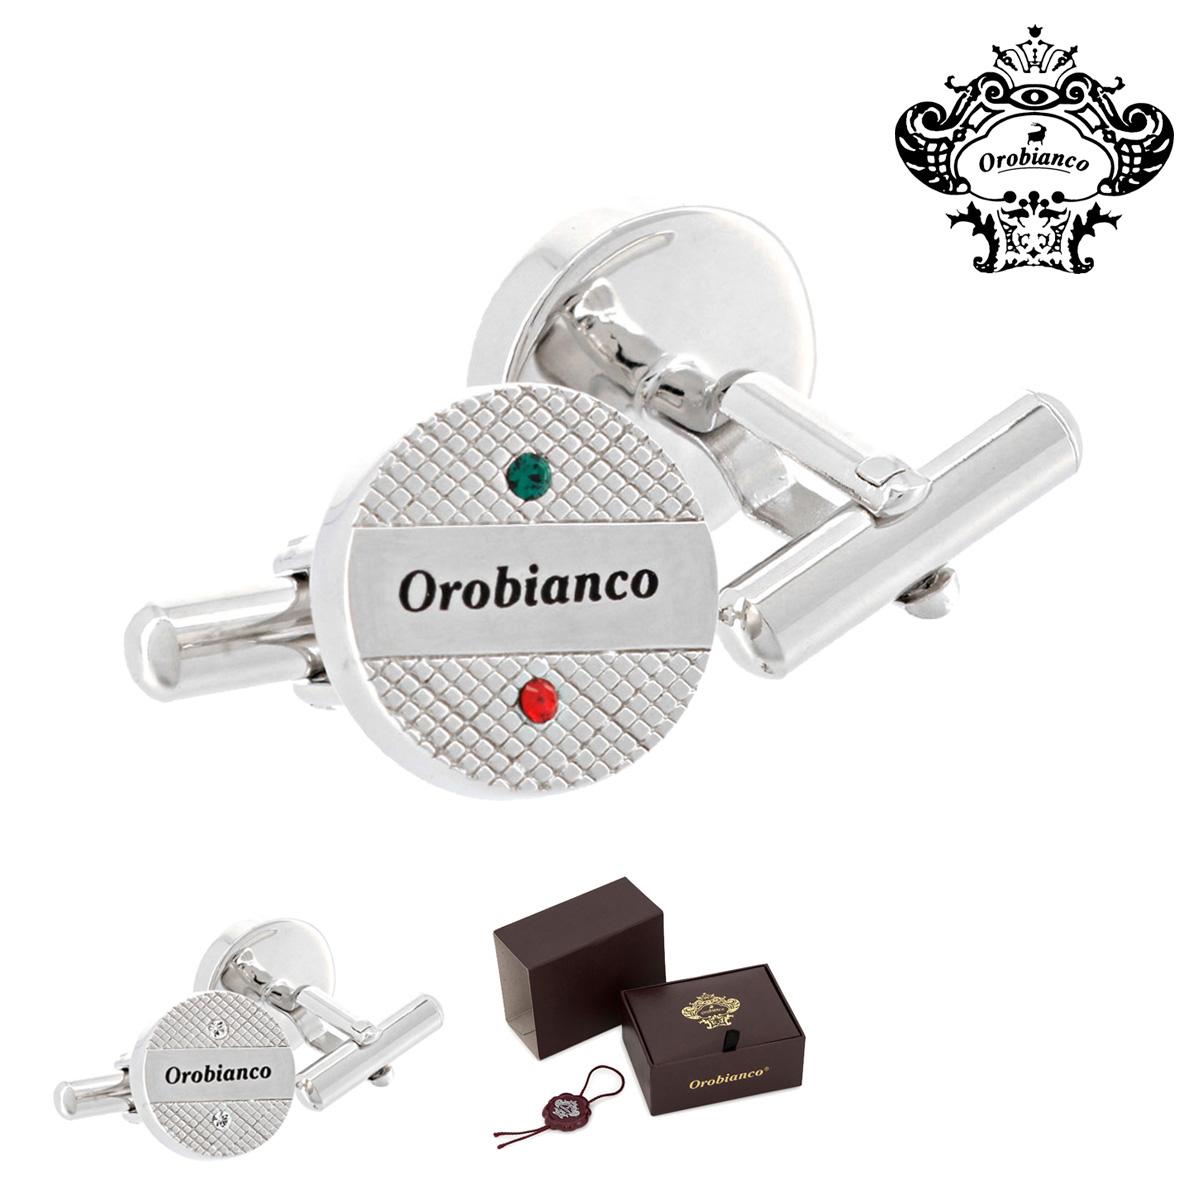 オロビアンコ カフス 日本製 メンズ ORC209 おしゃれ カフスボタン カフリンクス ギフト プレゼント ブランド 専用BOX付き [bef][PO10]